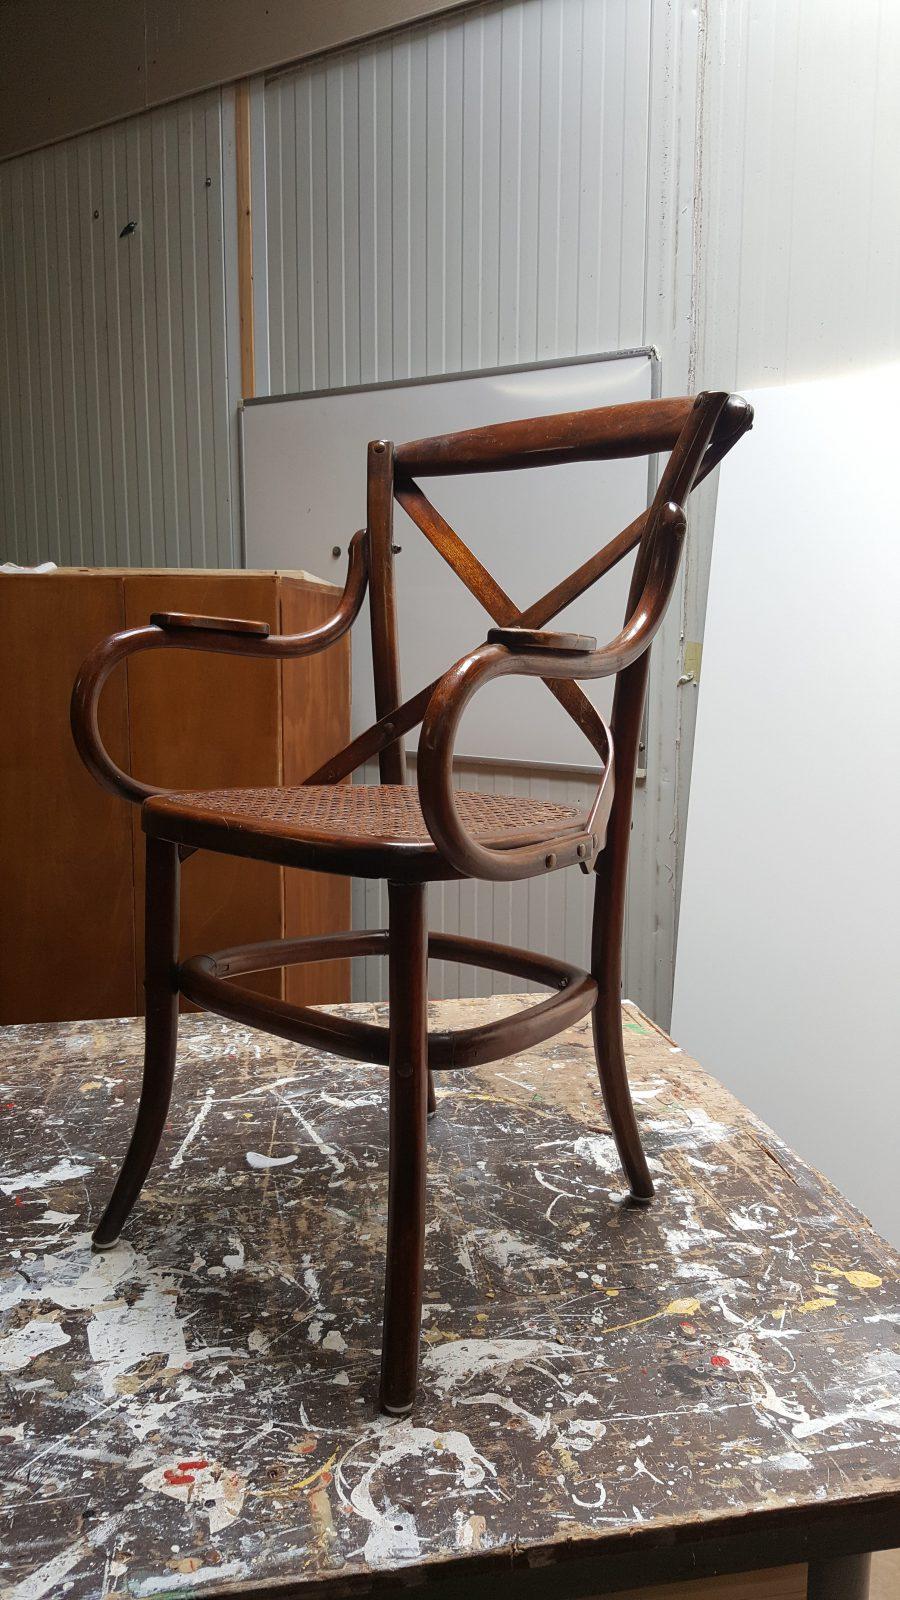 rbhoutwerk stoelreparatie